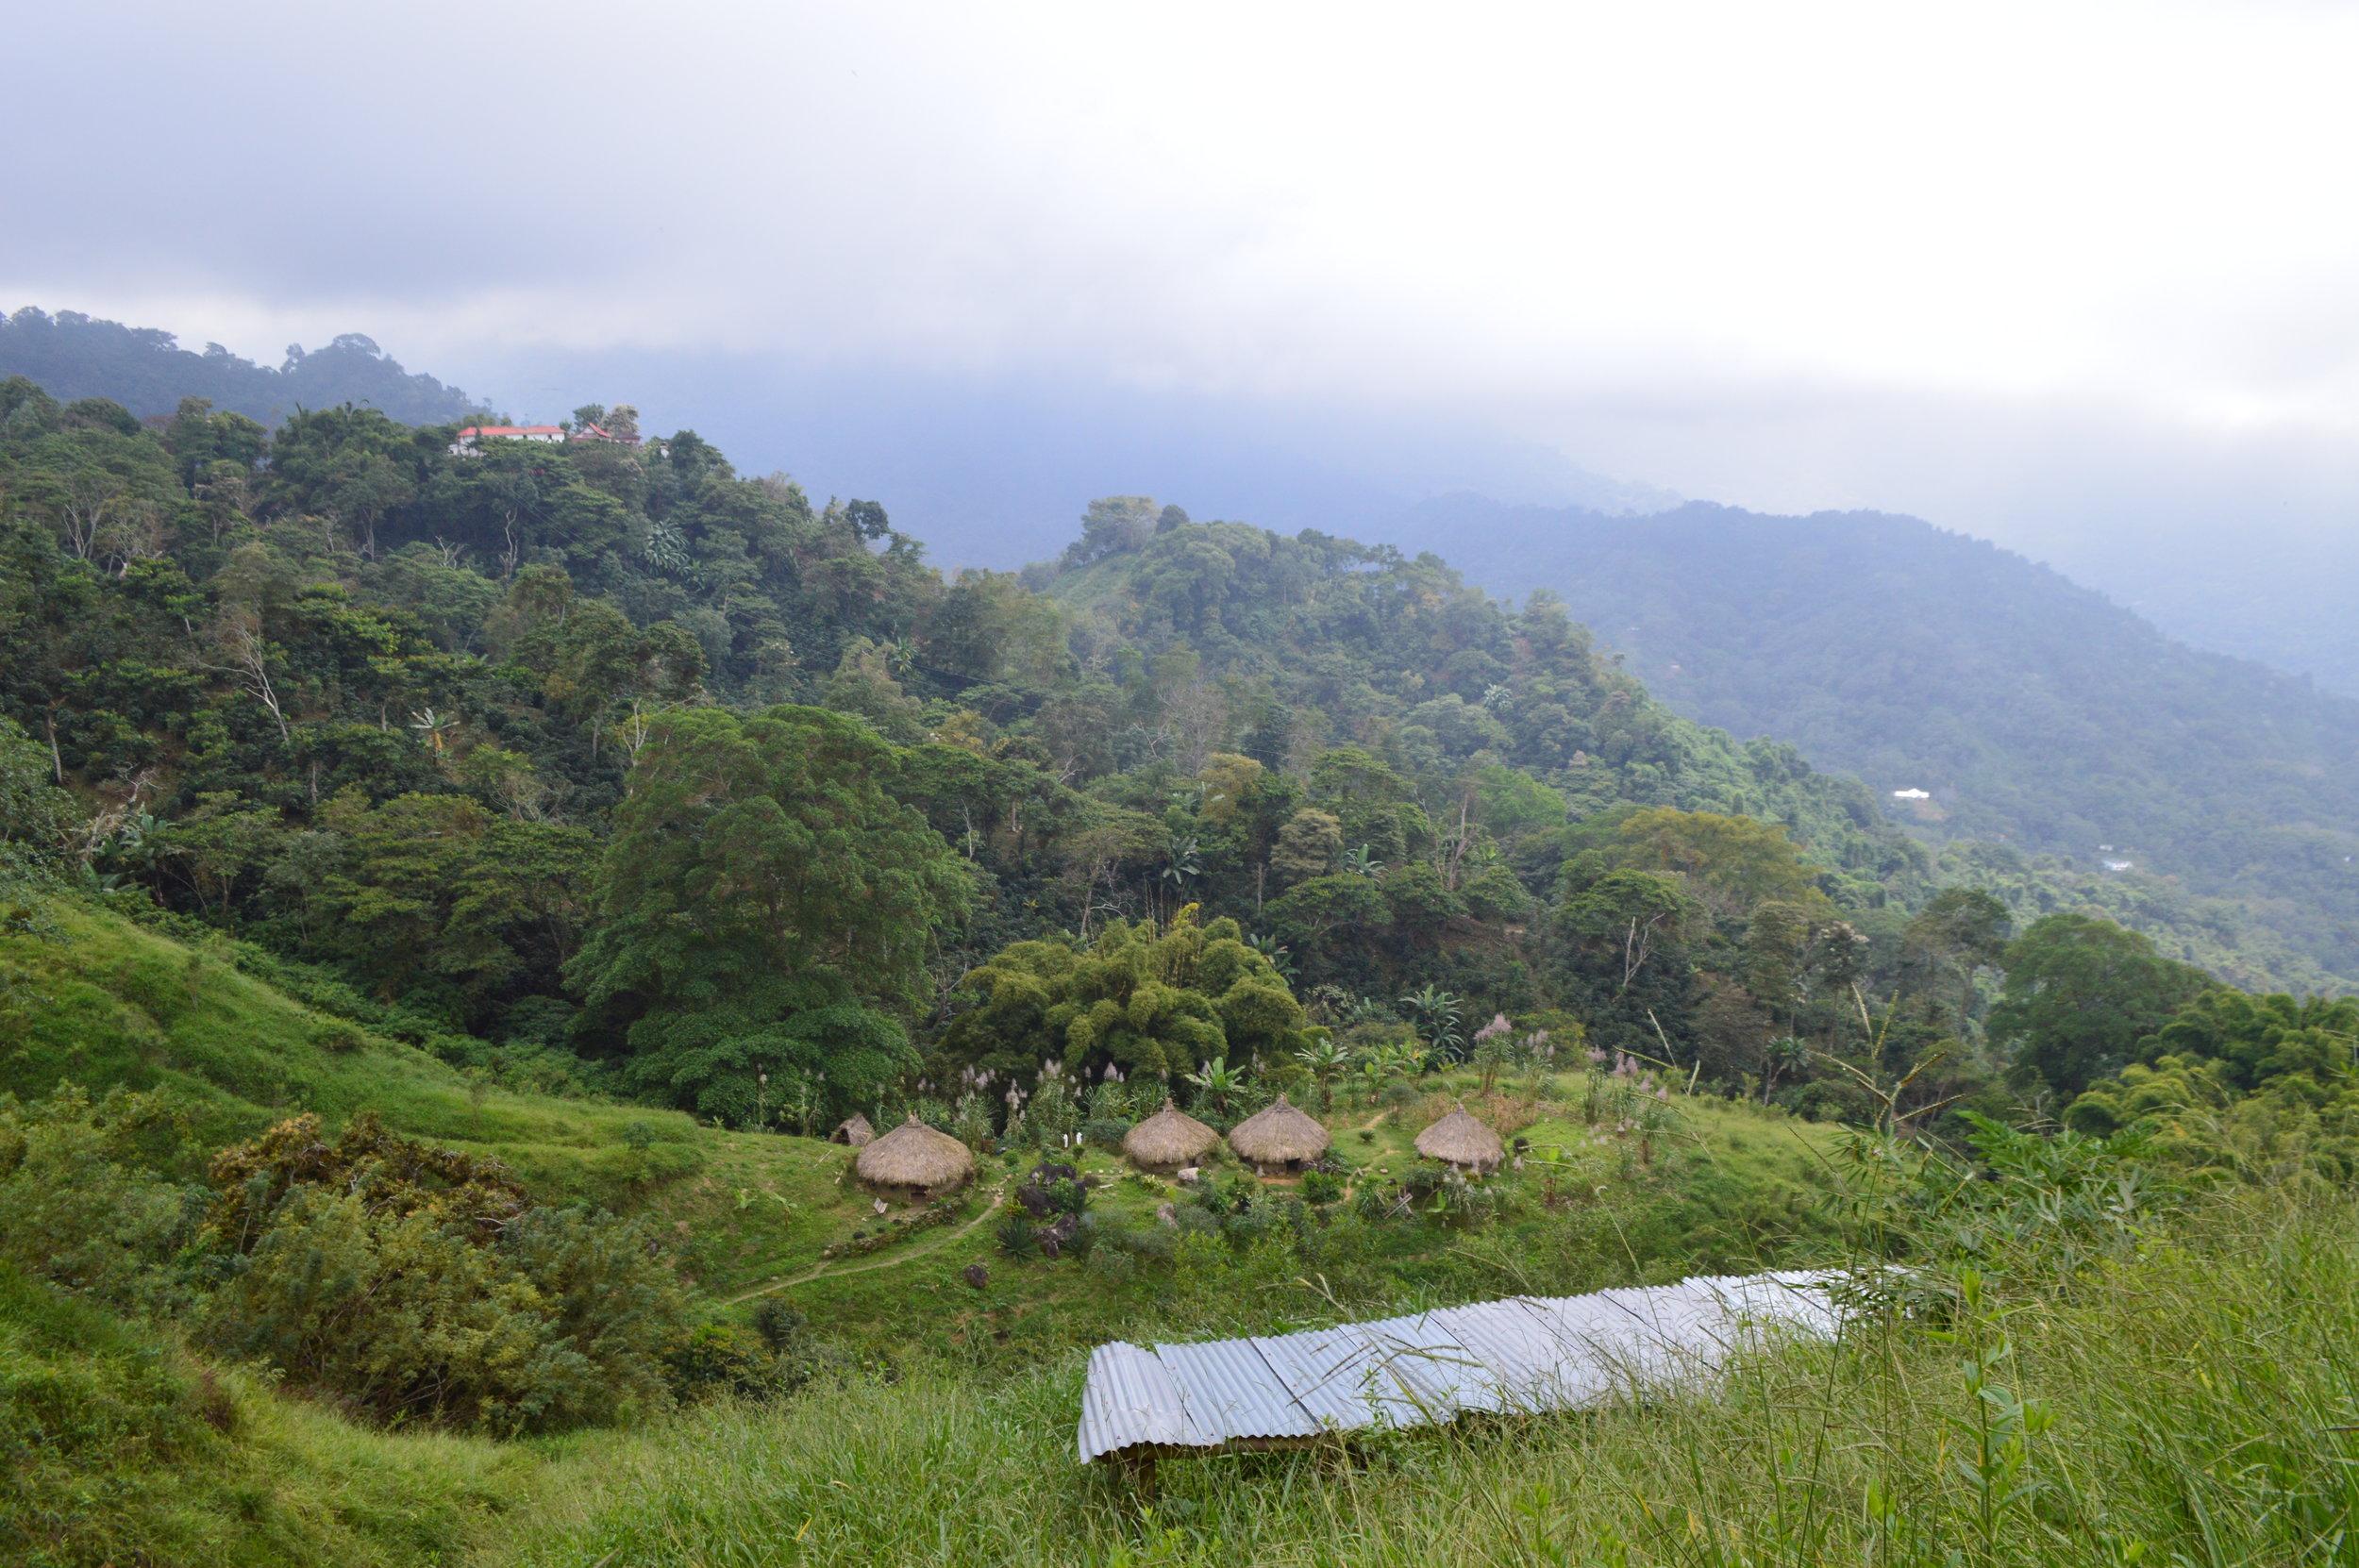 View of a village below Nuevo Mundo